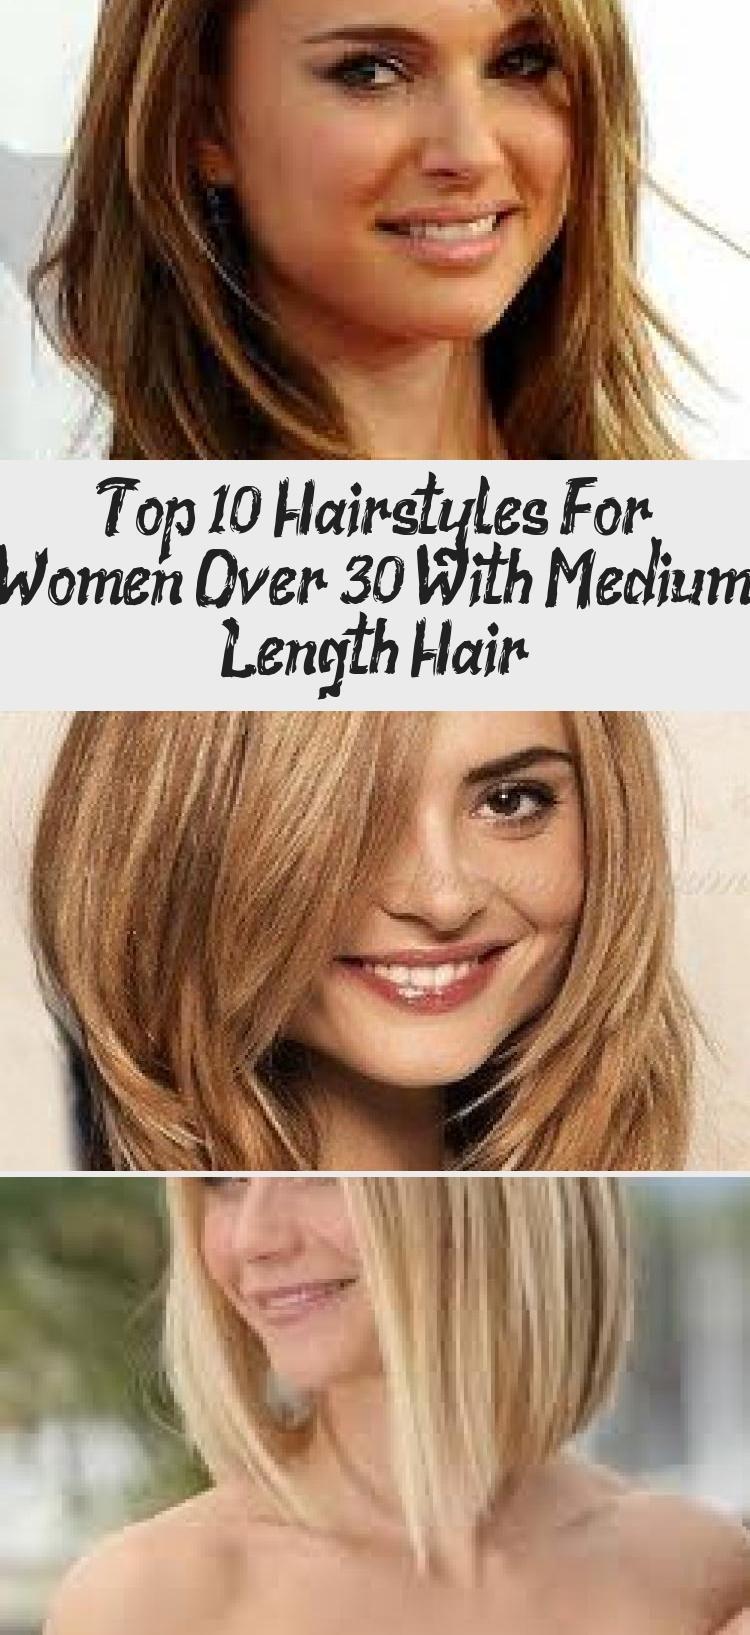 Top 10 kapsels voor vrouwen ouder dan 30 met halflang haar - Lina's  blog in 2020   Top 10 hair styles, Hair lengths, Medium length wavy hair